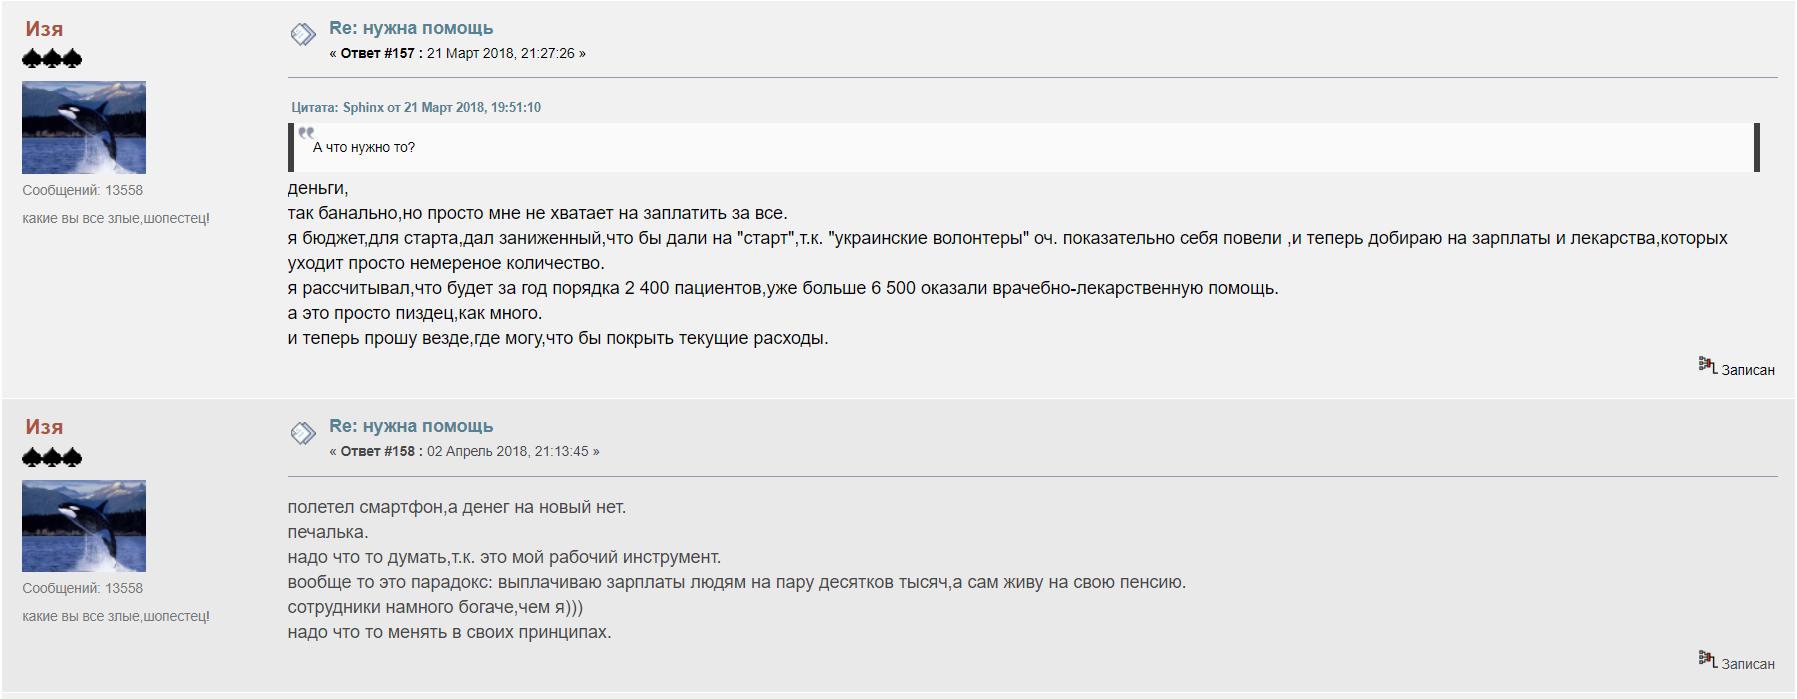 Анально forum